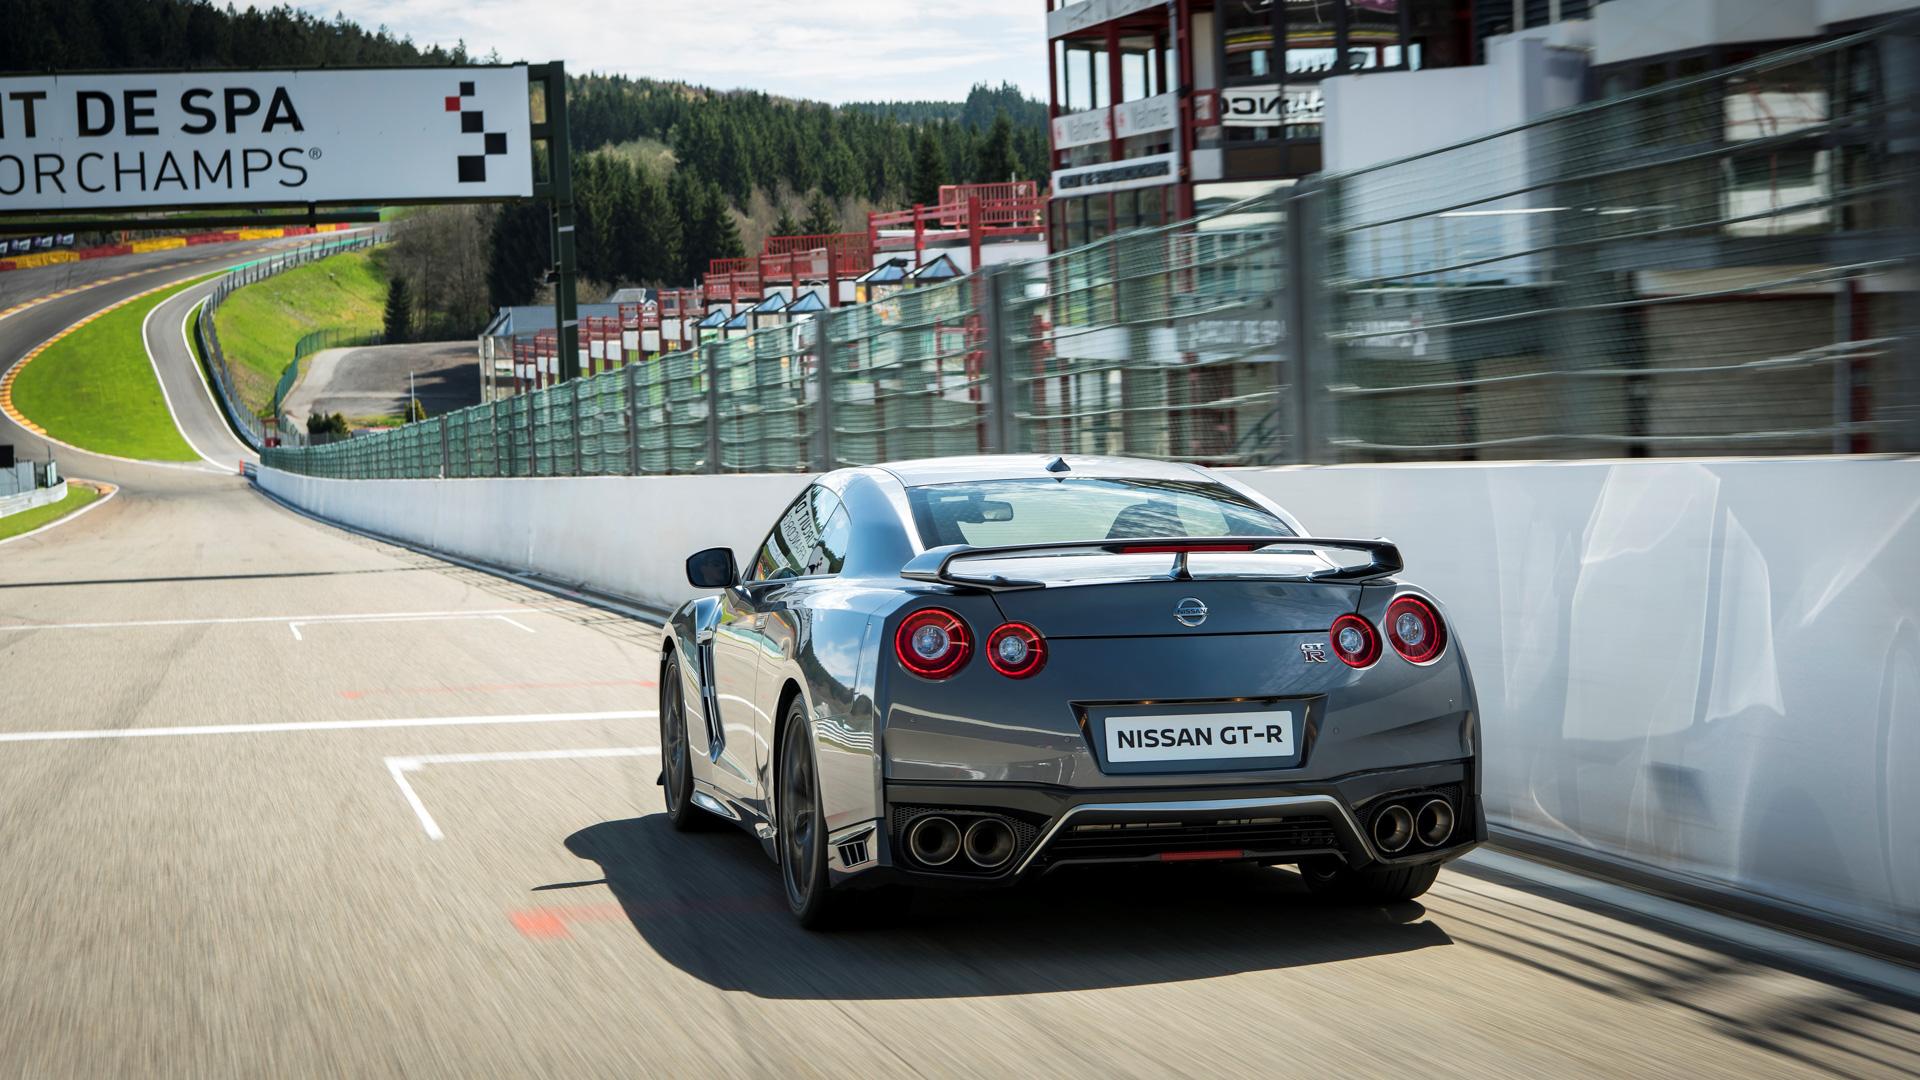 Новейший Nissan GT-R итрагические истории самого устрашающего поворота Формулы-1. Фото 10